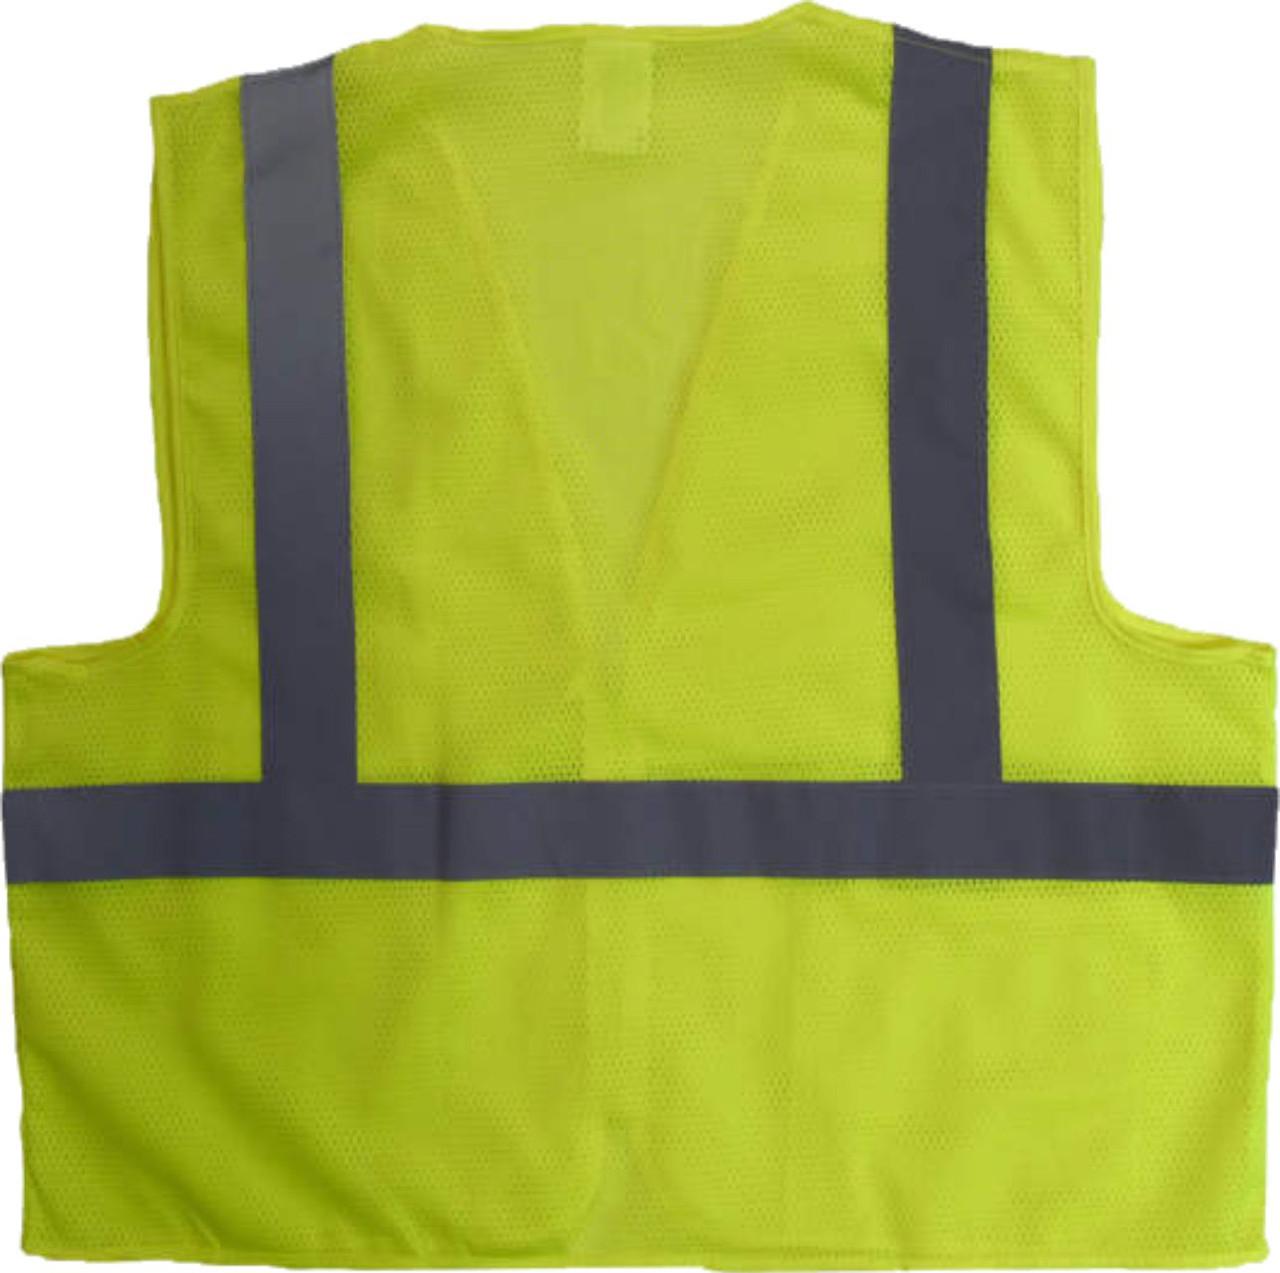 SV2 Safety Yellow  Safety Vest   Safety Green Class 2 Safety Vest   Lime Safety Jacket   Hi Vis Safety Vest